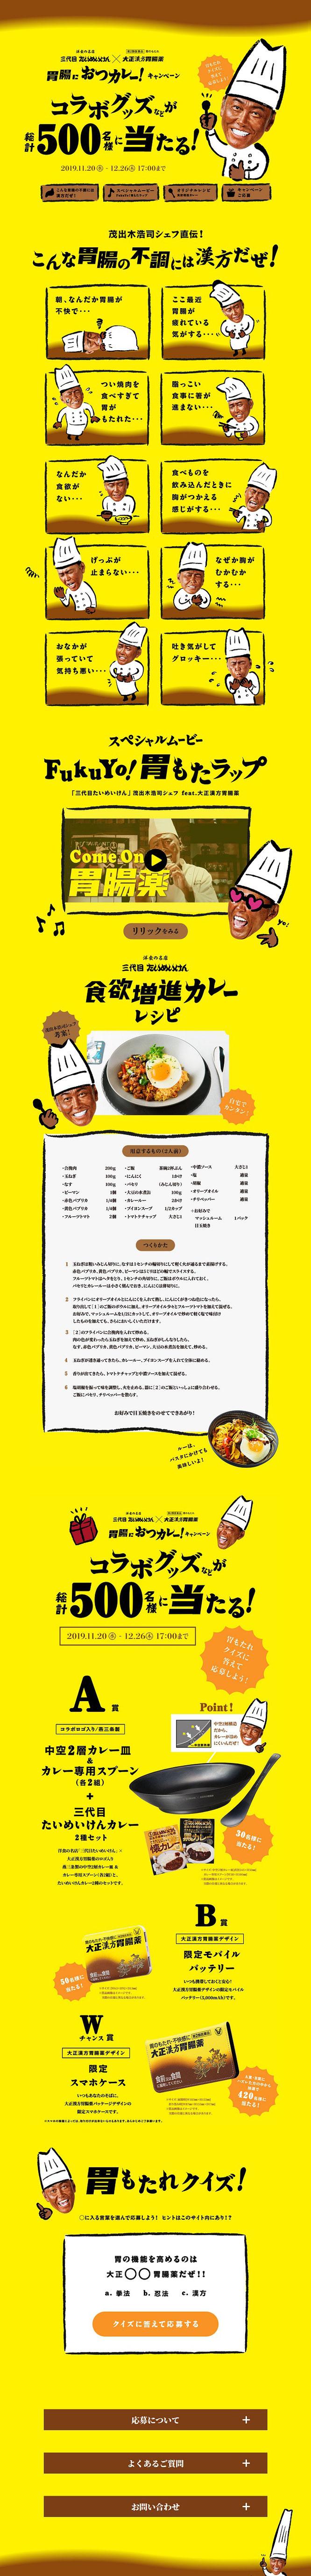 【大正製薬】大正漢方胃腸薬 胃腸におつカレー! キャンペーン